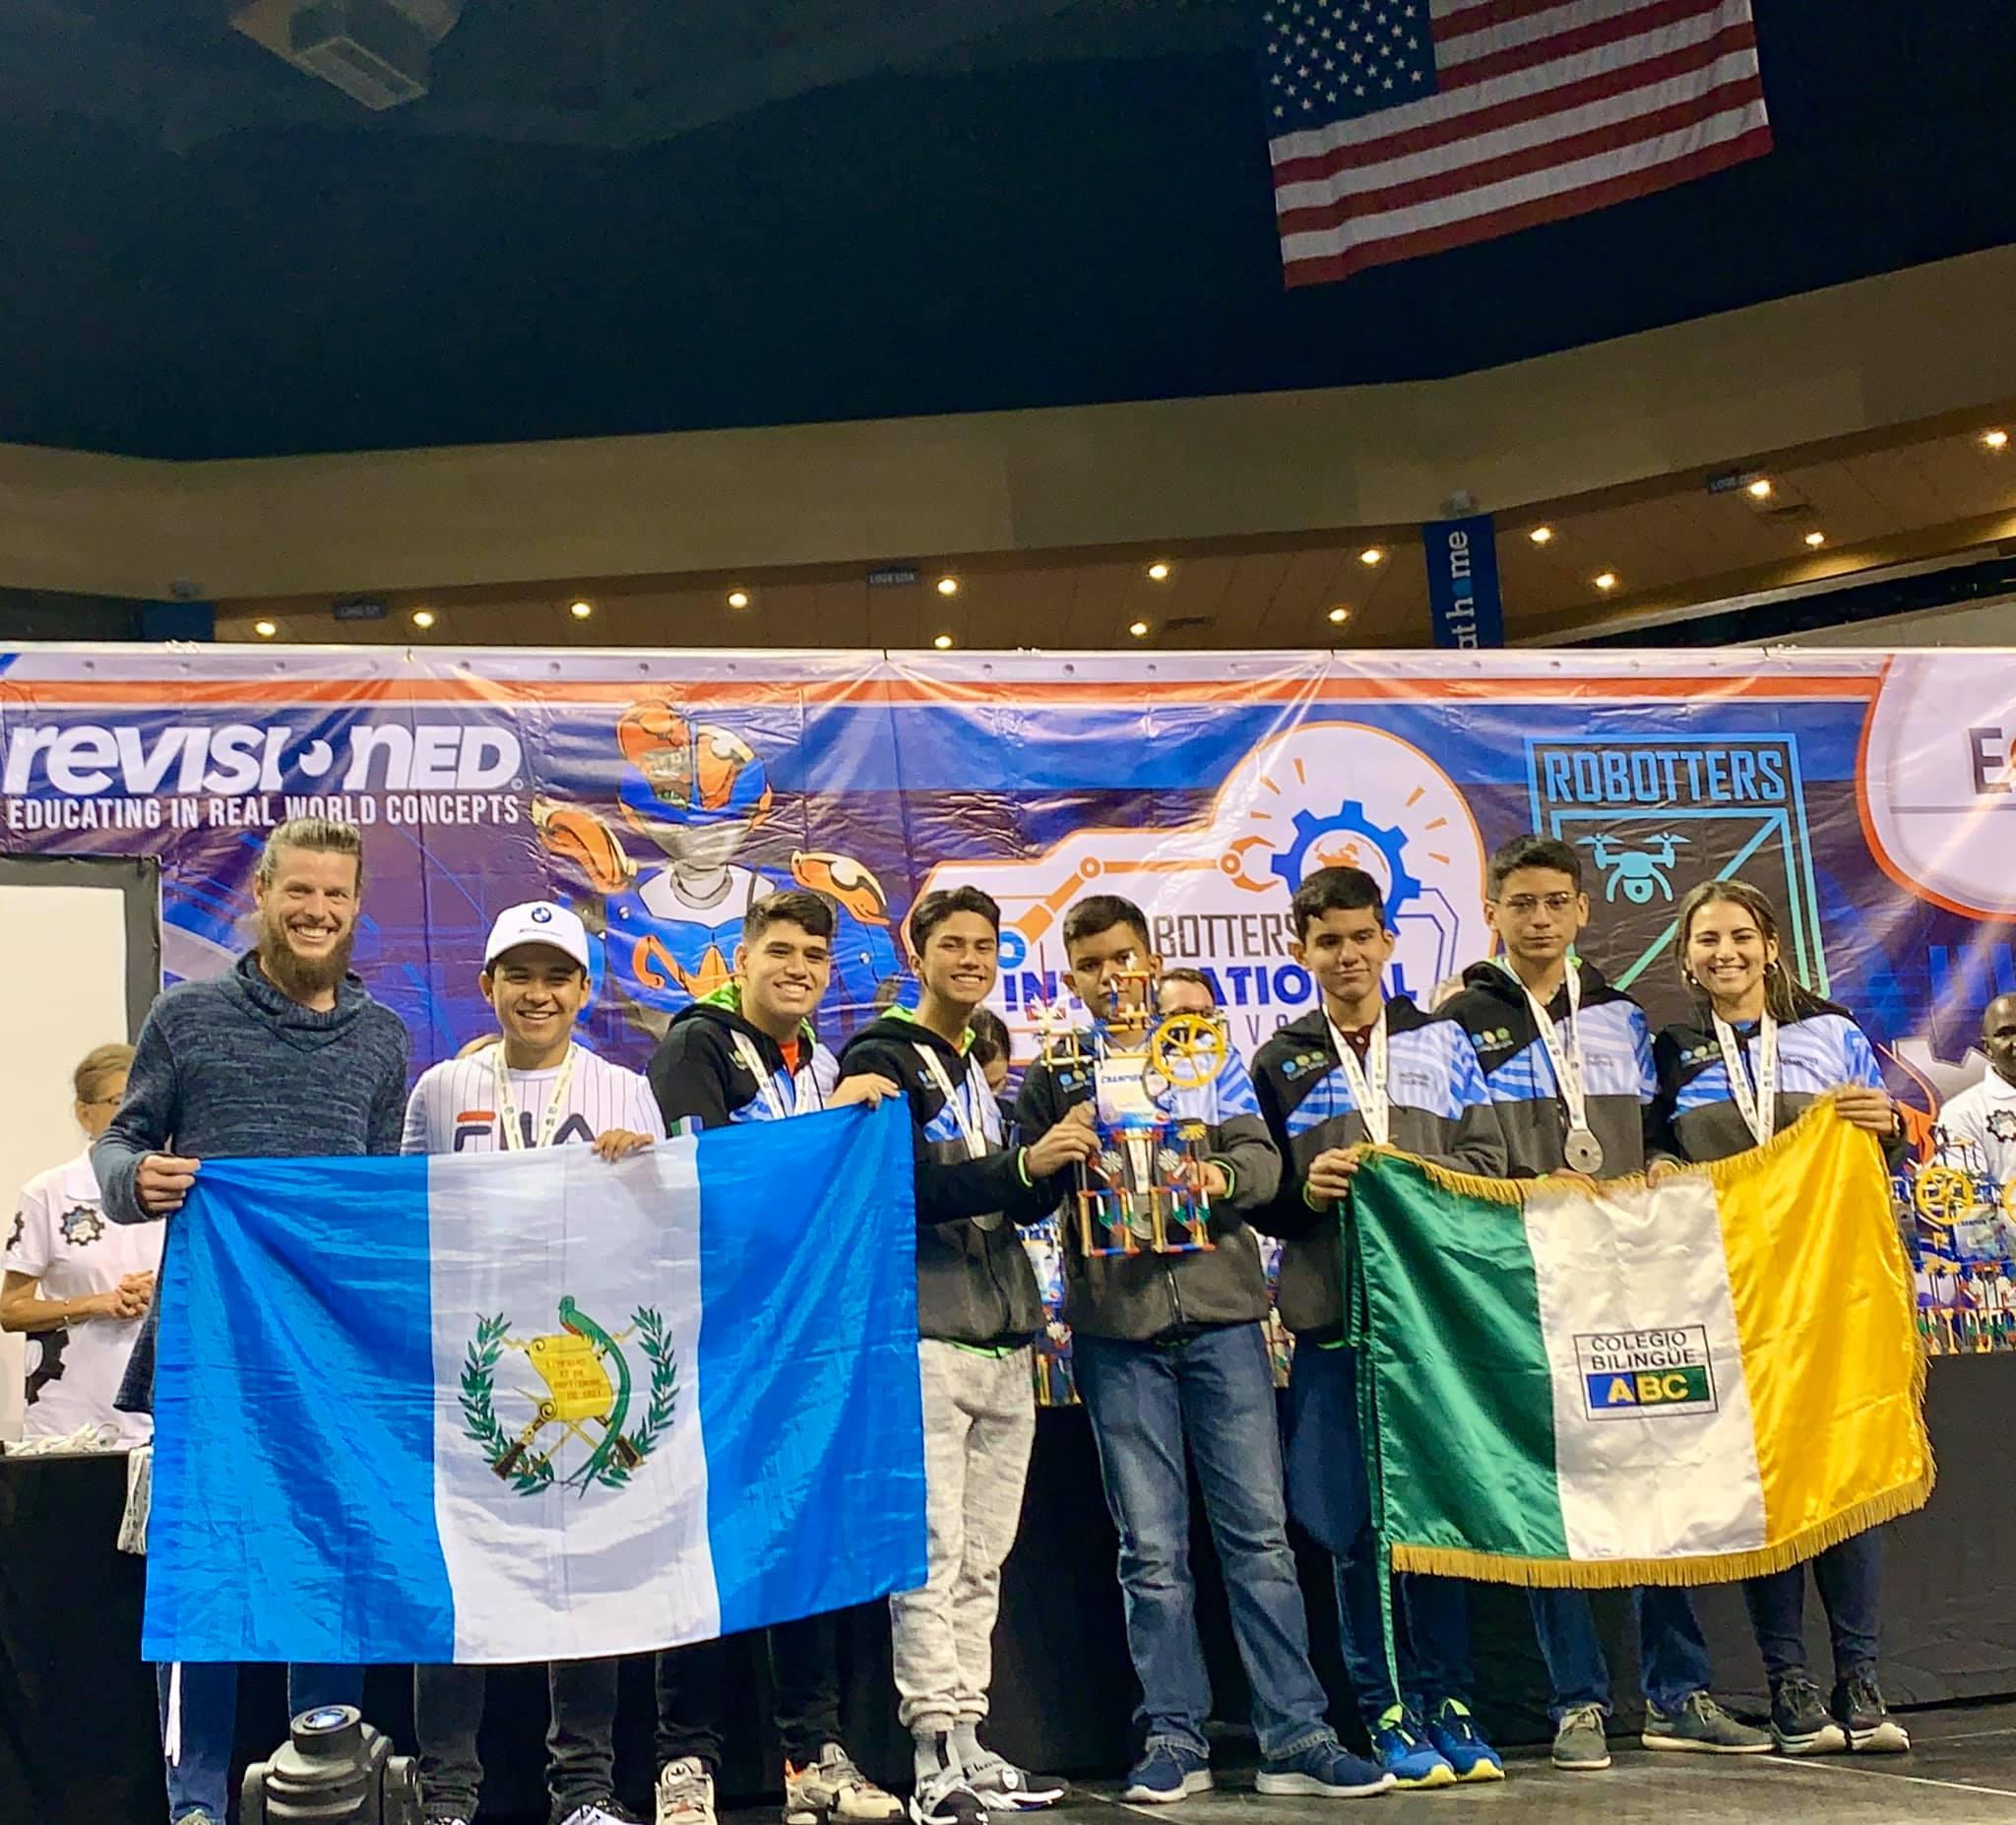 Originarios de Izabal ganaron primer lugar en Robotters International Festival en Estados Unidos 2020